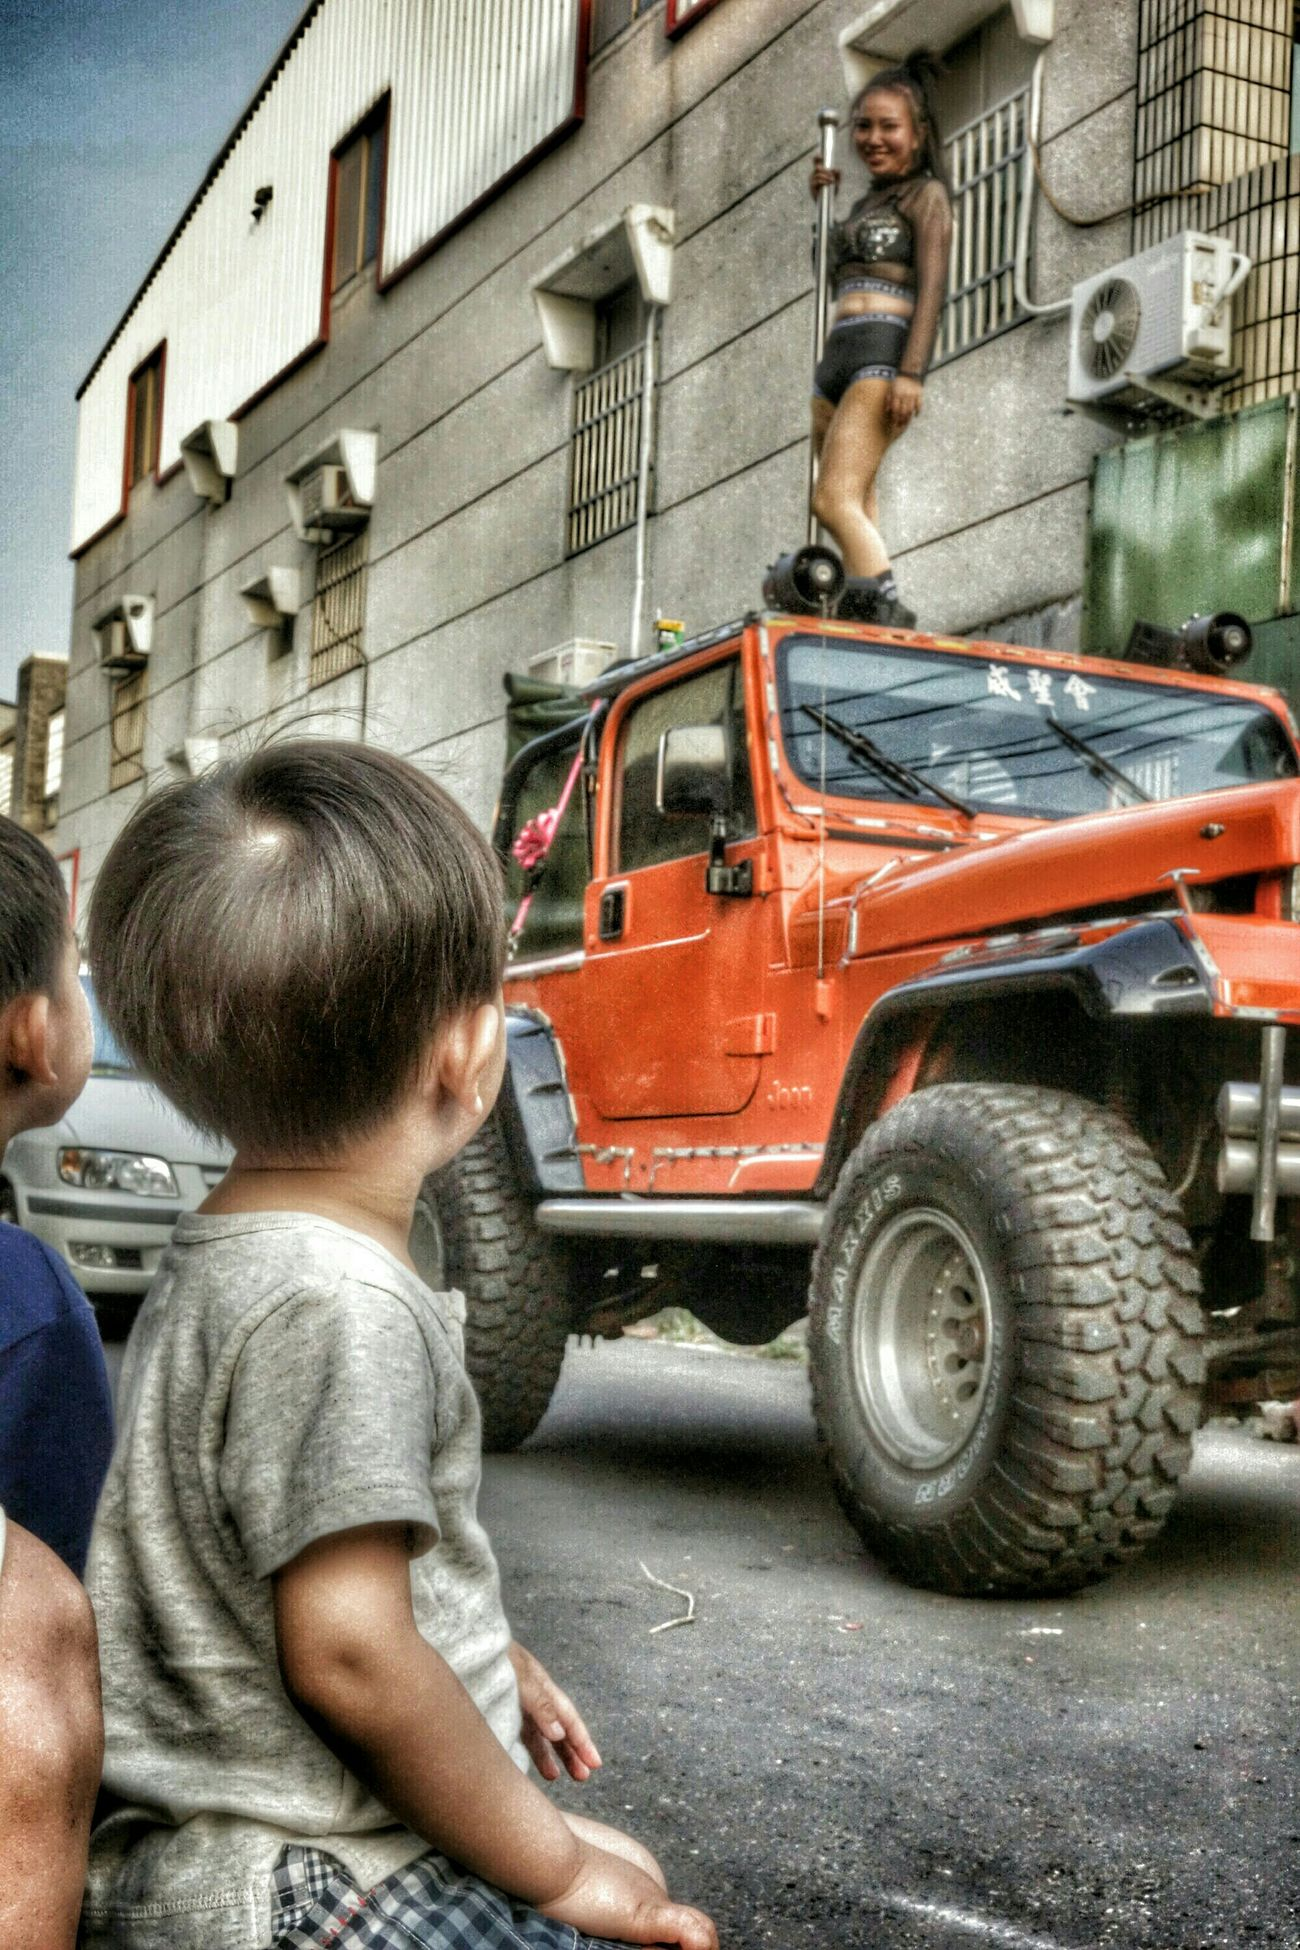 拿椅頭看陣頭-6 The View And The Spirit Of Taiwan 台灣景 台灣情 Streetphotography What I Saw People Portrait